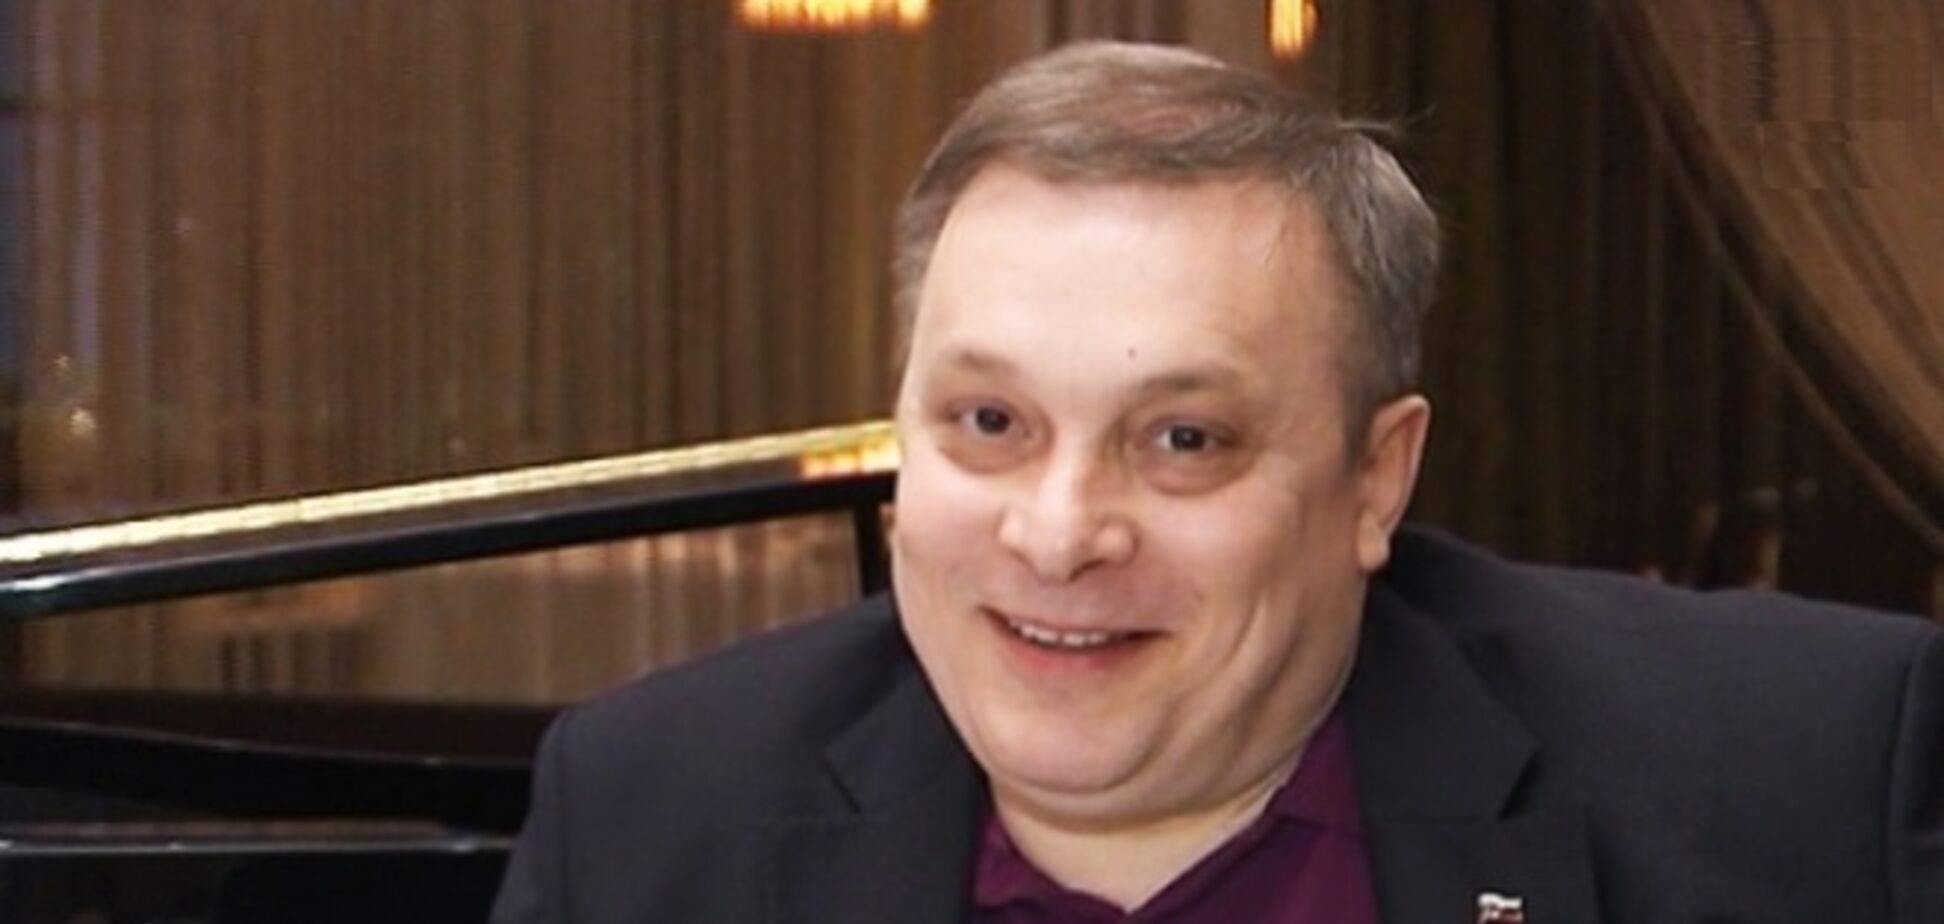 Вынужден продавать вещи: известный продюсер рассказал о бедности Киркорова